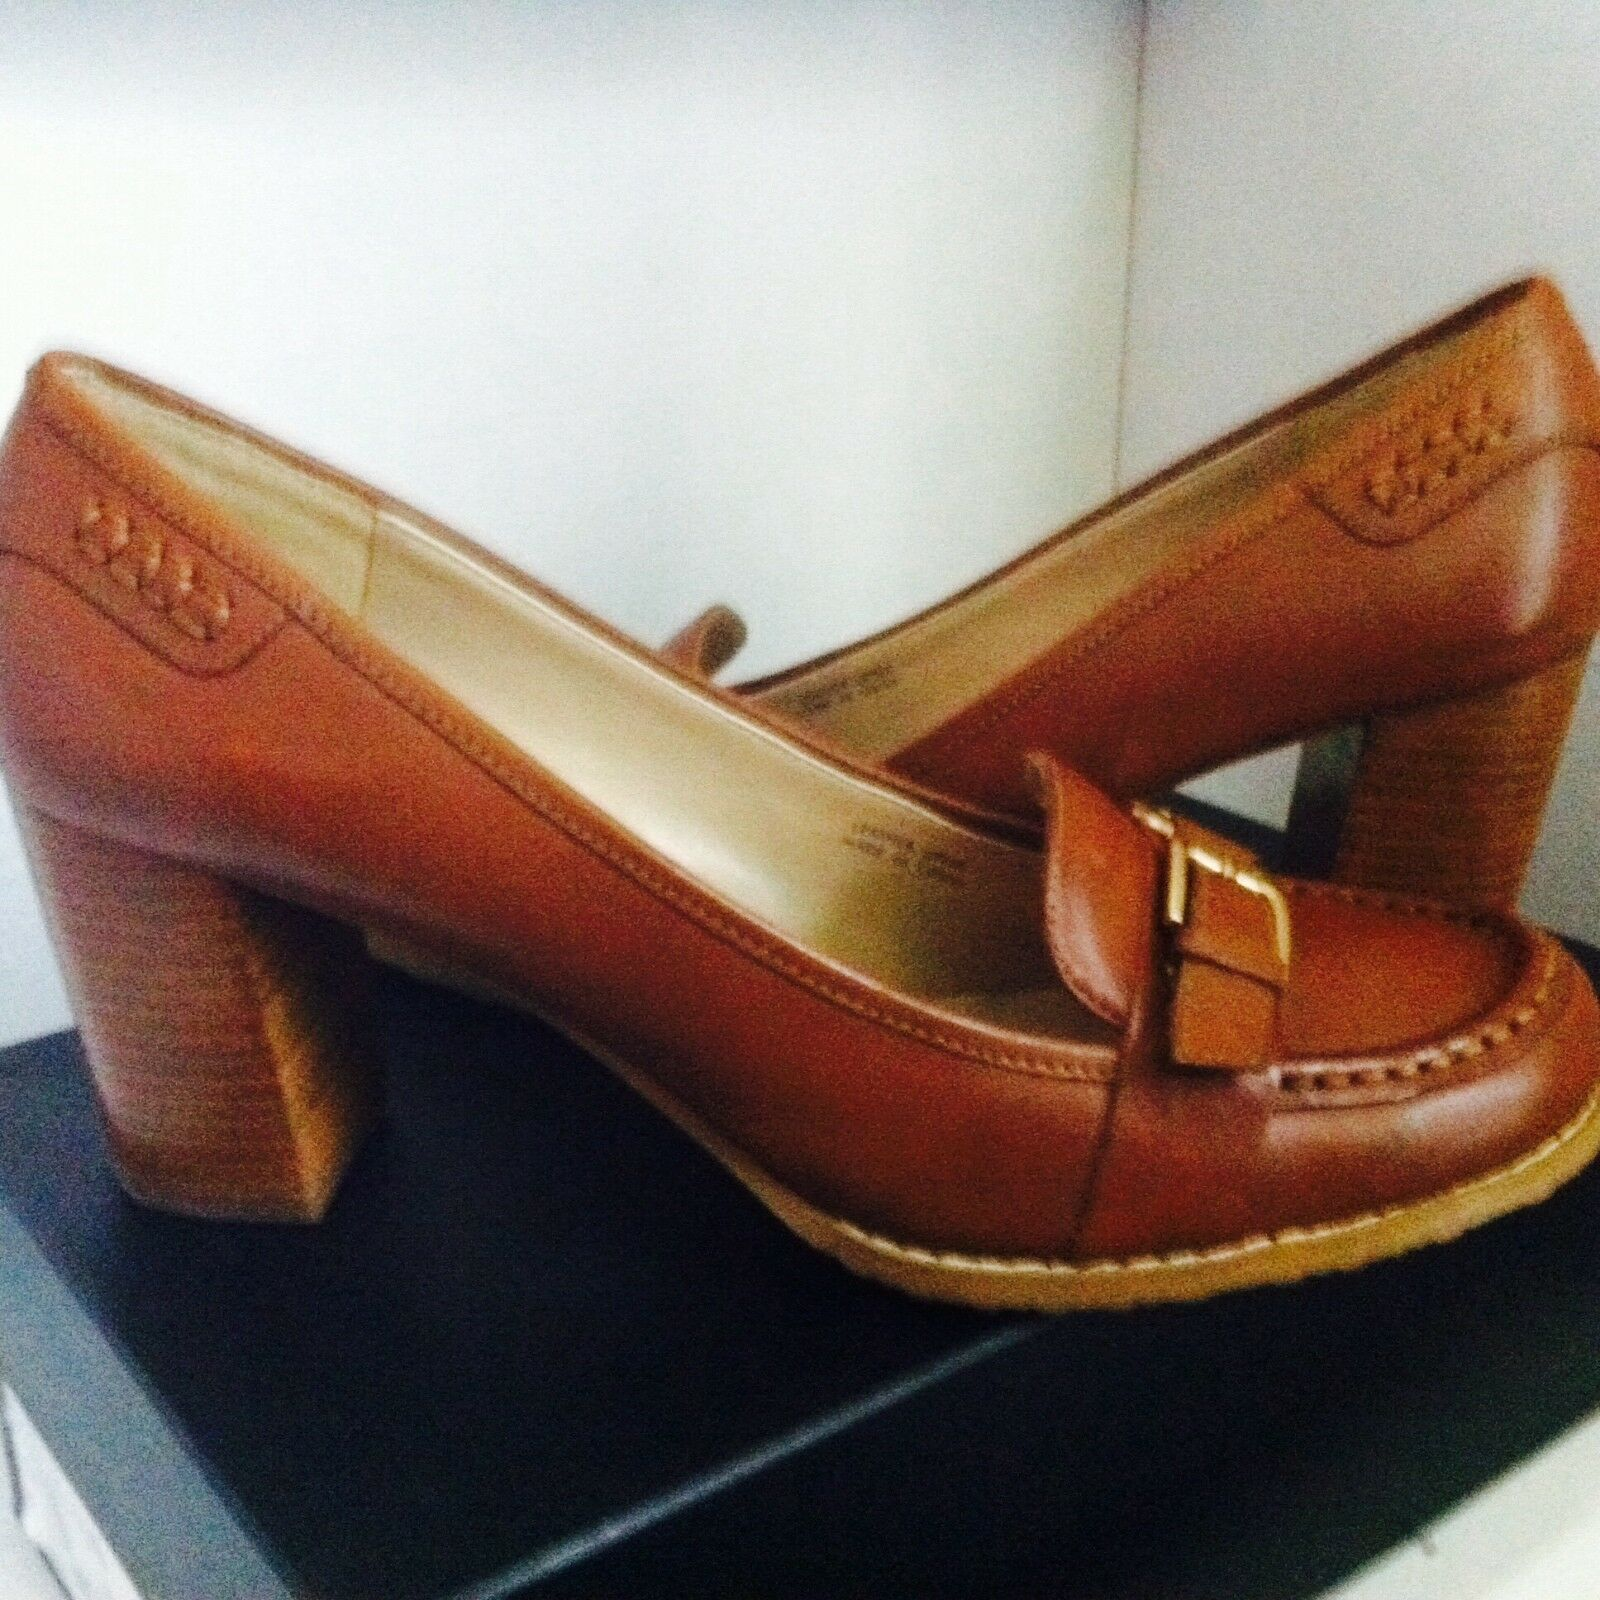 NEU Wmns Größe 11 ELLEN TRACY Genuine Leder Schuhes Block Heel Pump COGNAC BROWN